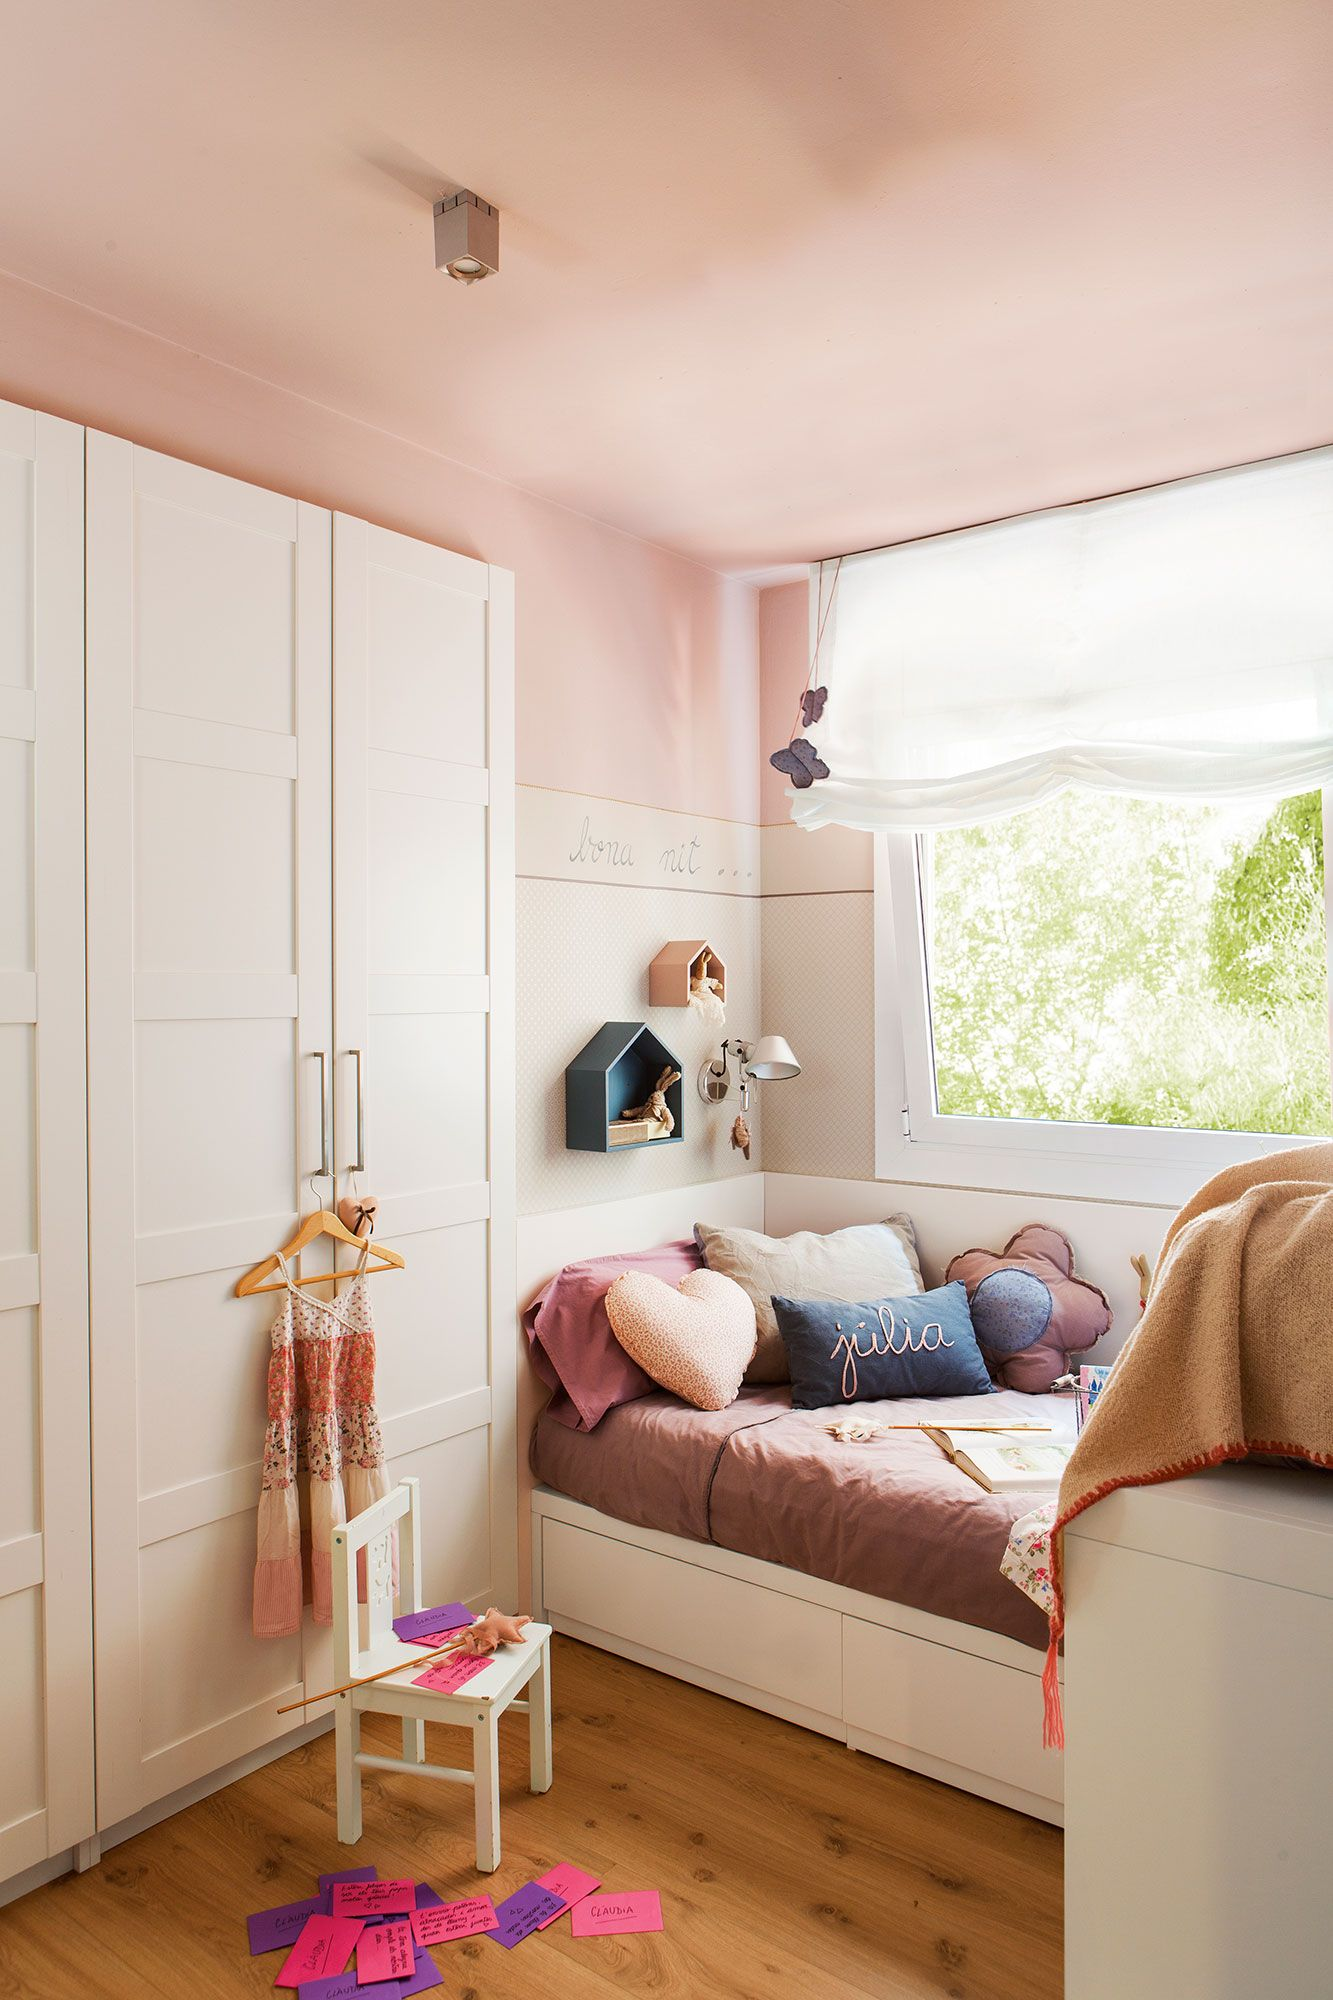 Electrodom sticos mini habitaci n ni a cortinas for Cortinas habitacion bebe